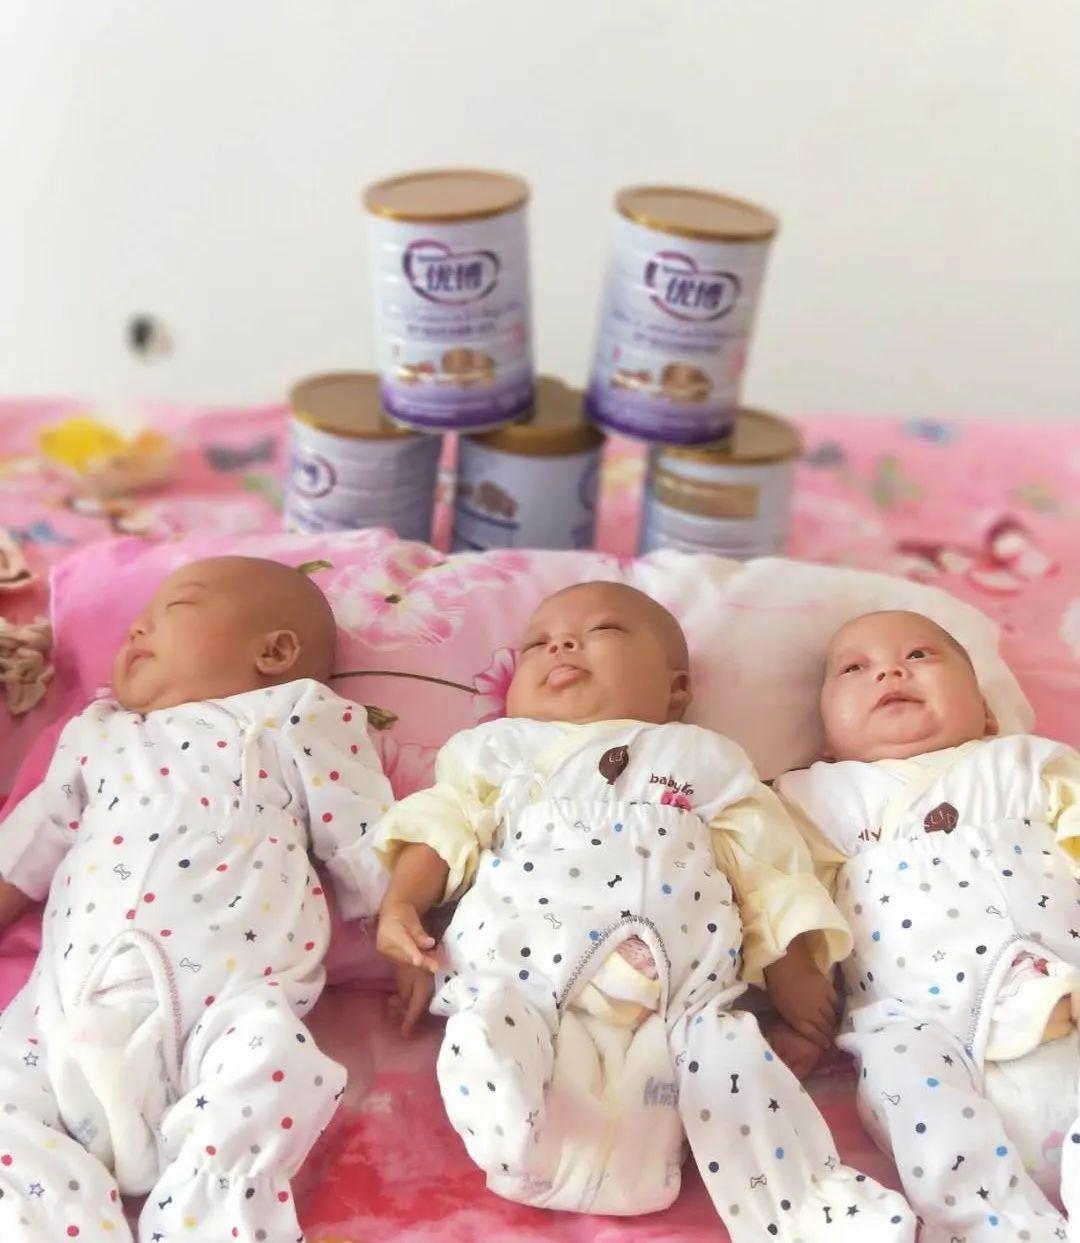 临河早产三胞胎的特殊医学用途奶粉有着落了